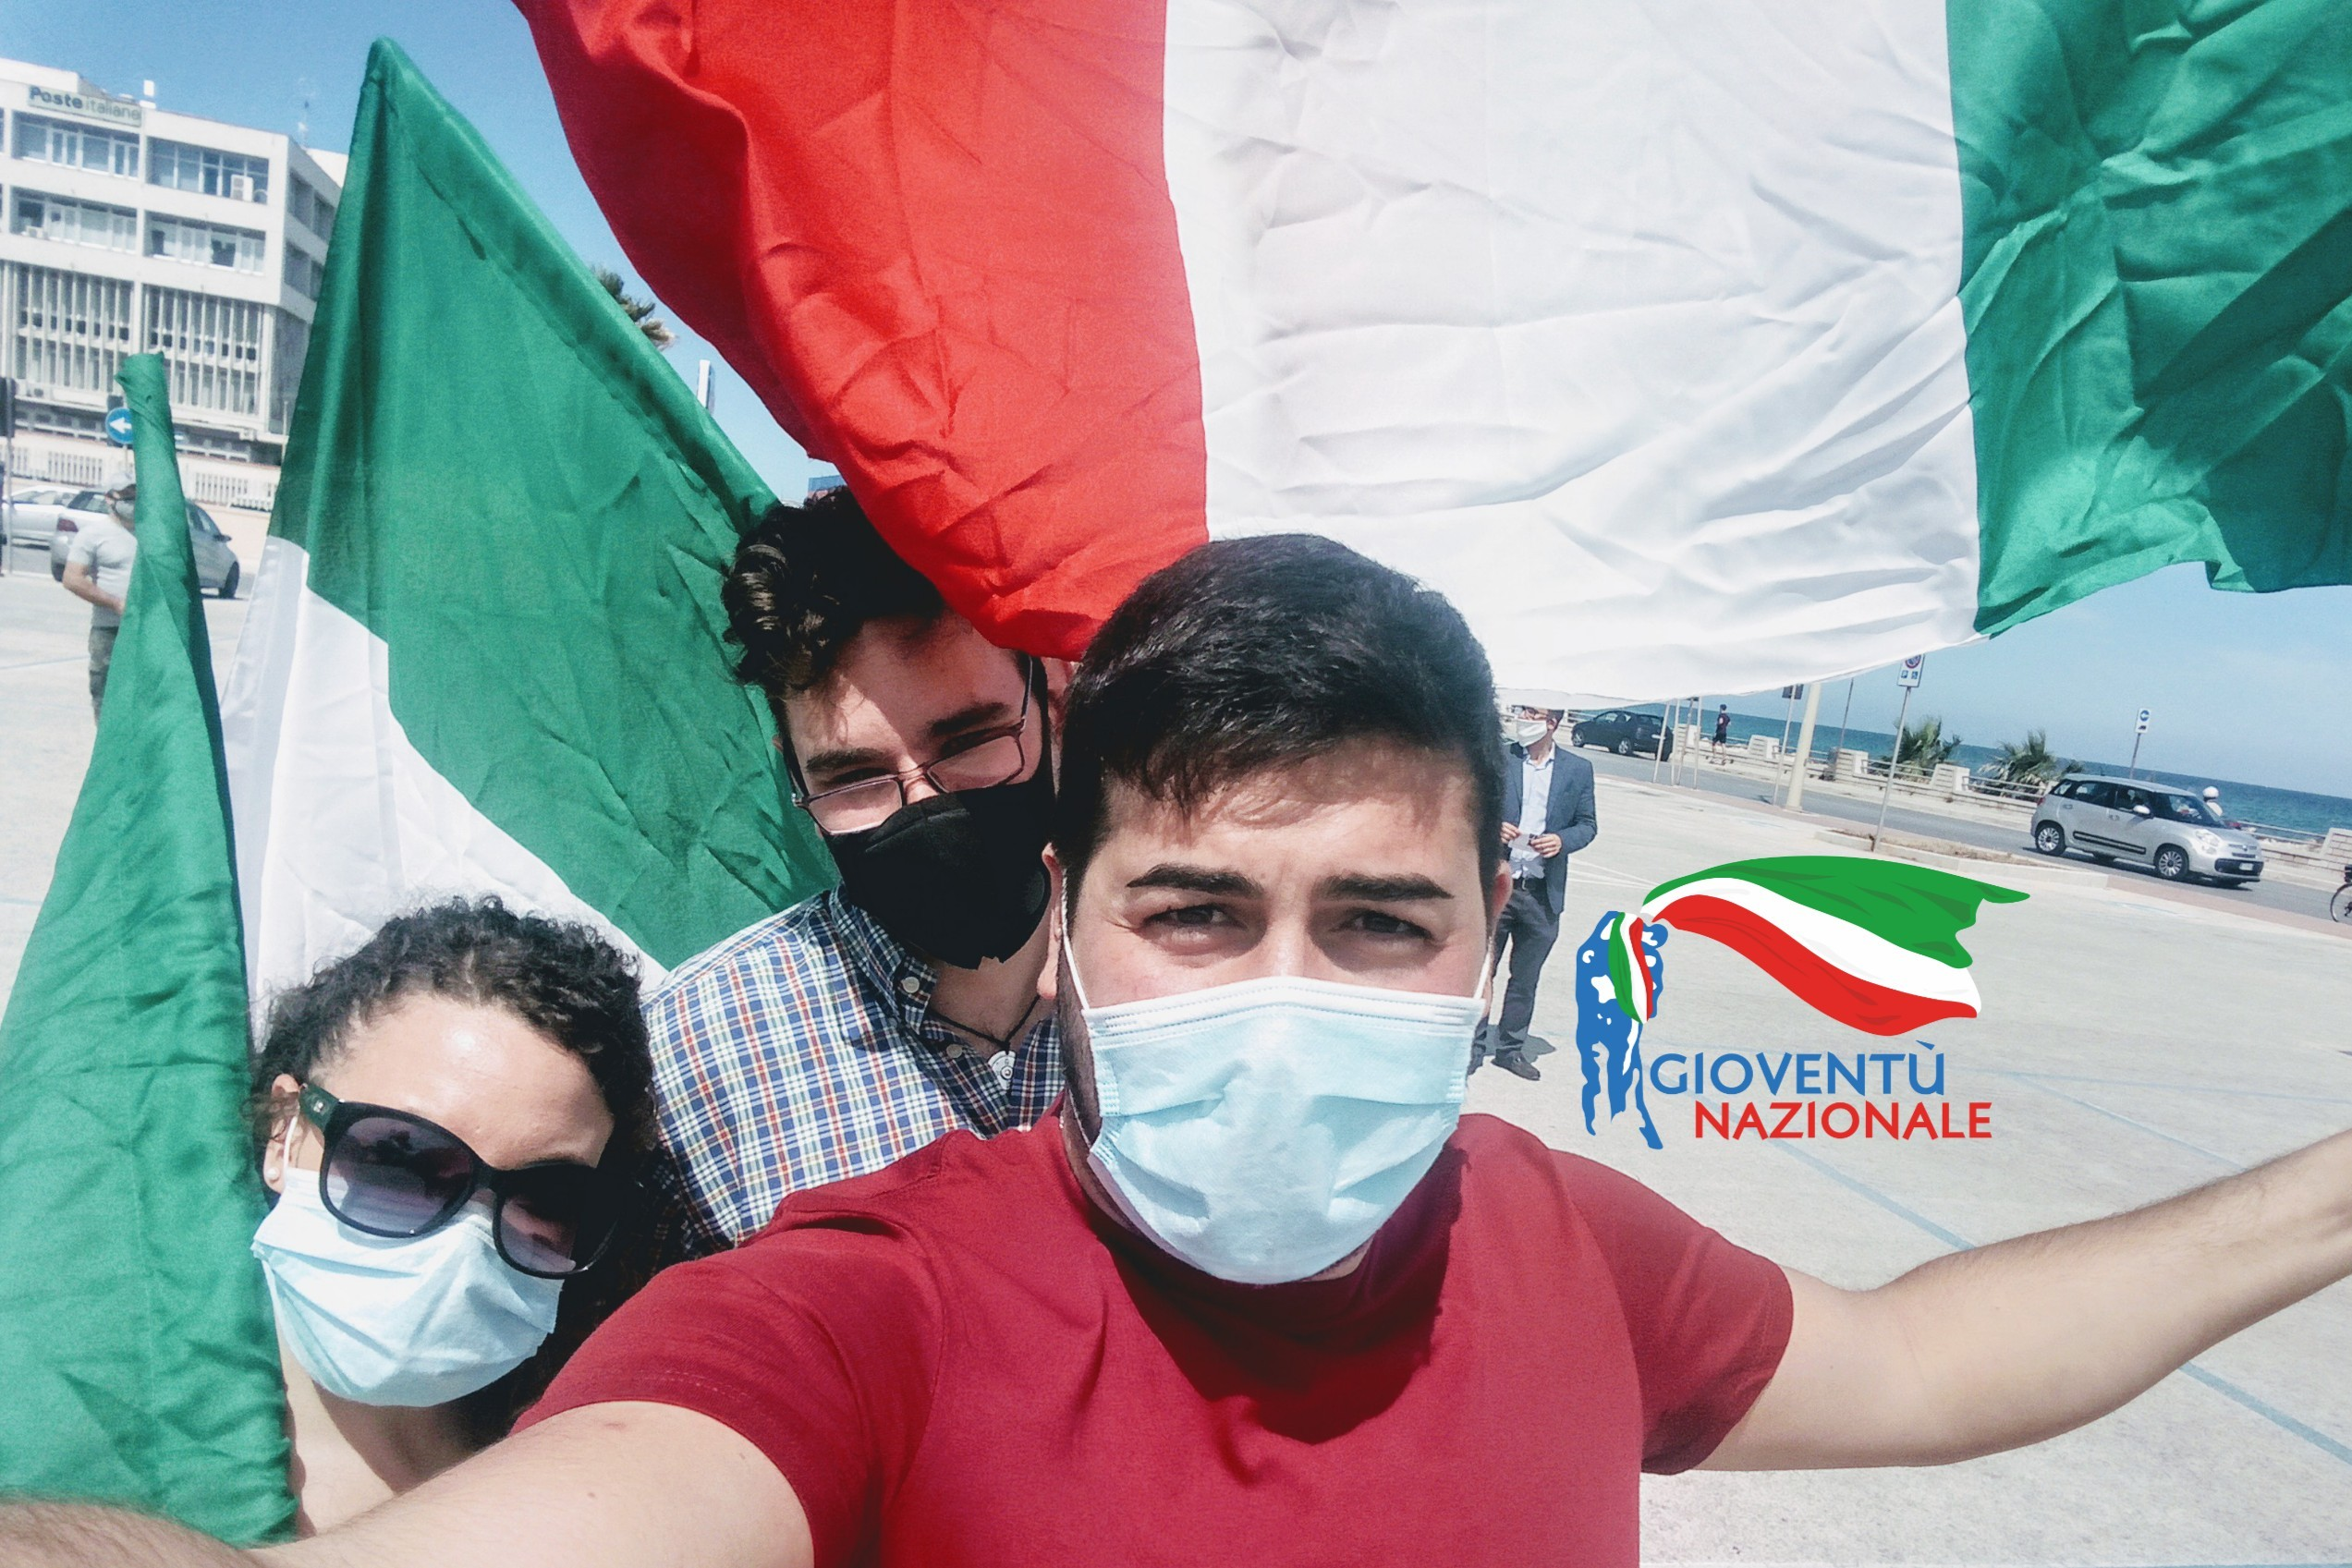 Gioventù Nazionale: 'In piazza a Trapani contro le bugie di Conte'